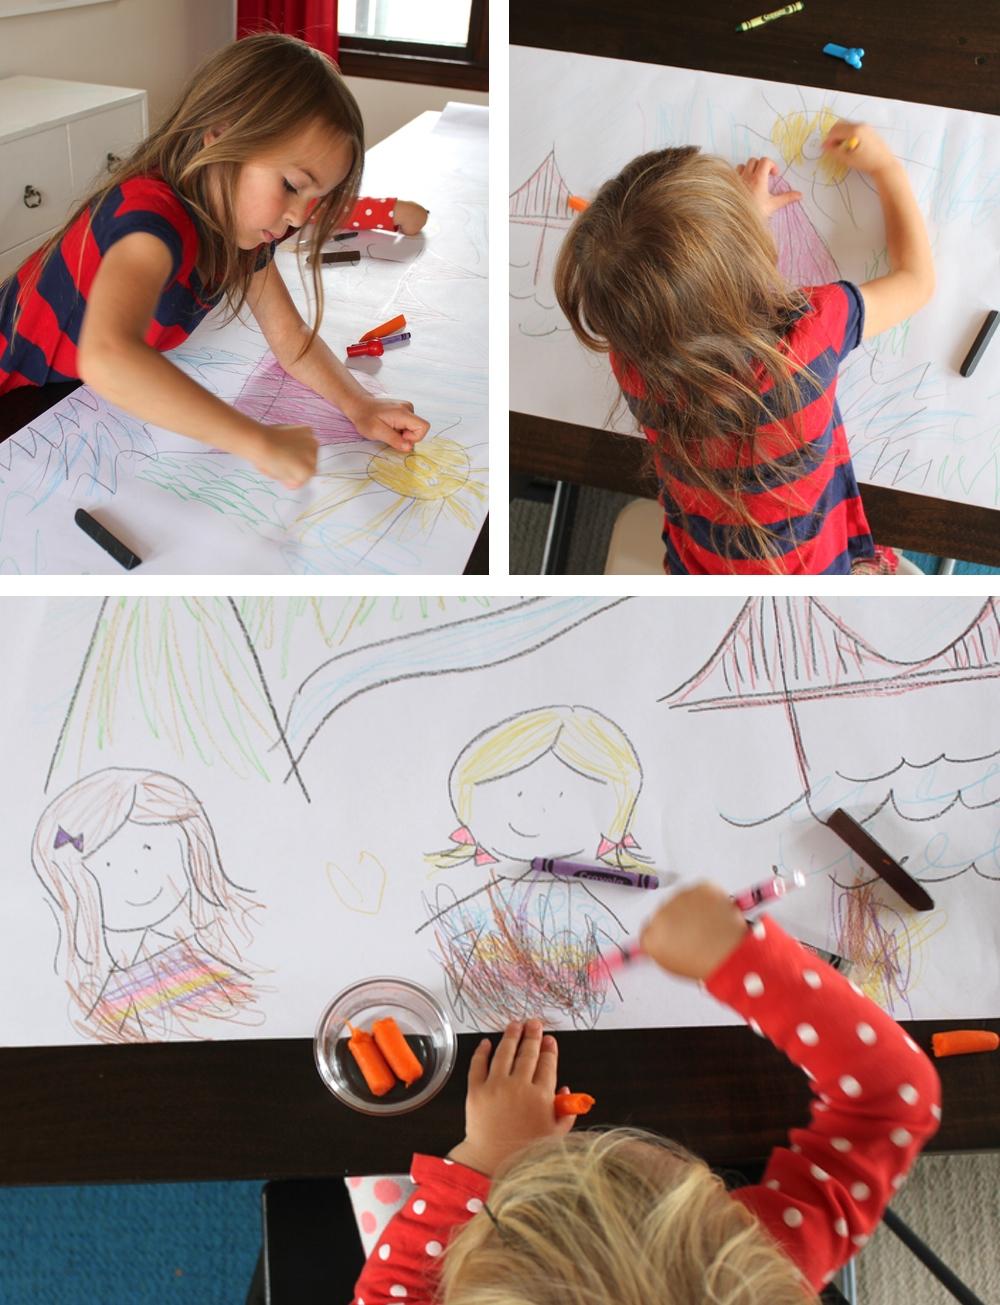 coloring.jpg